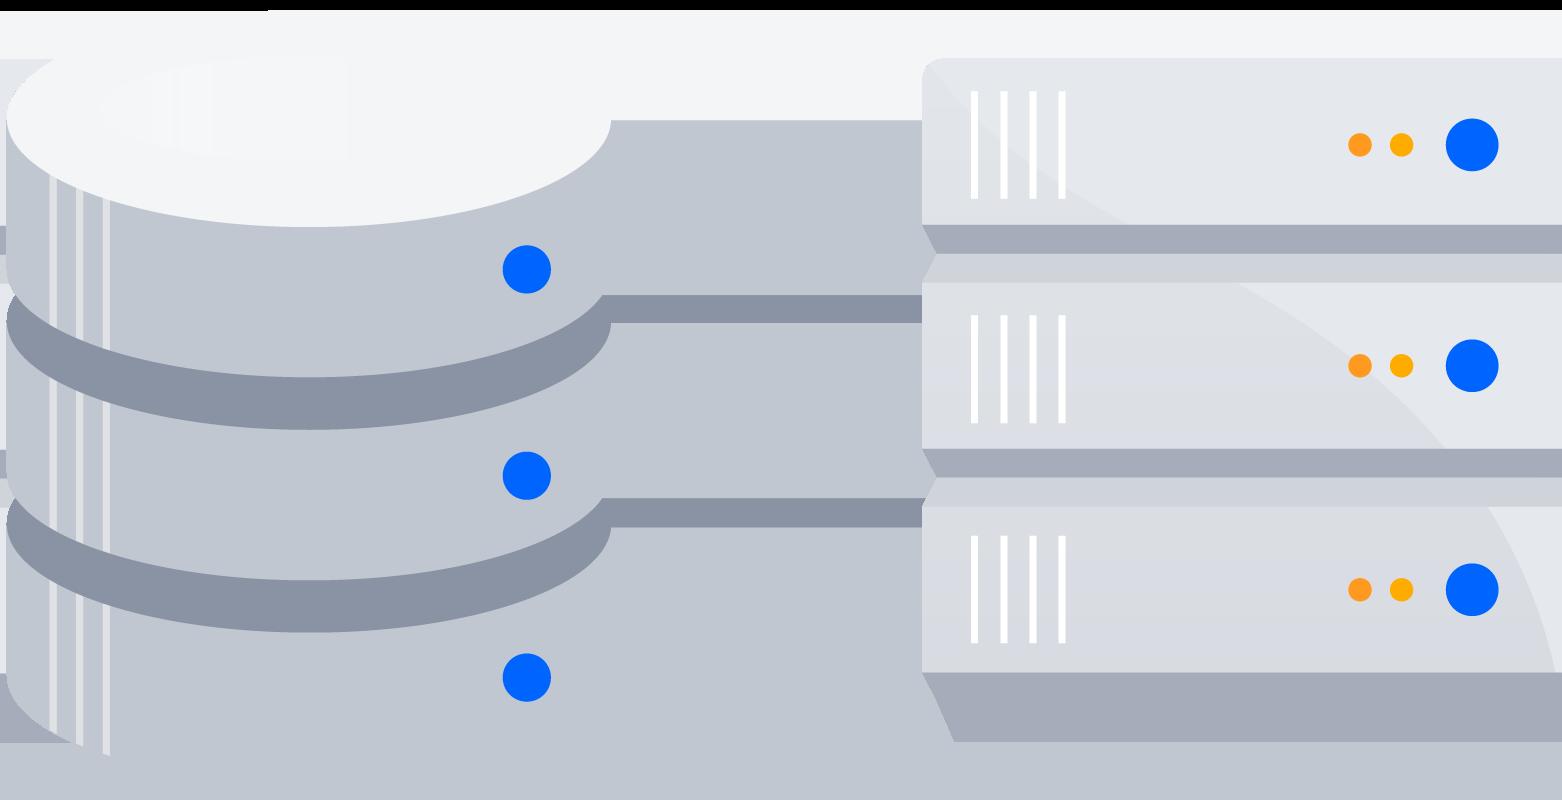 Data center + server